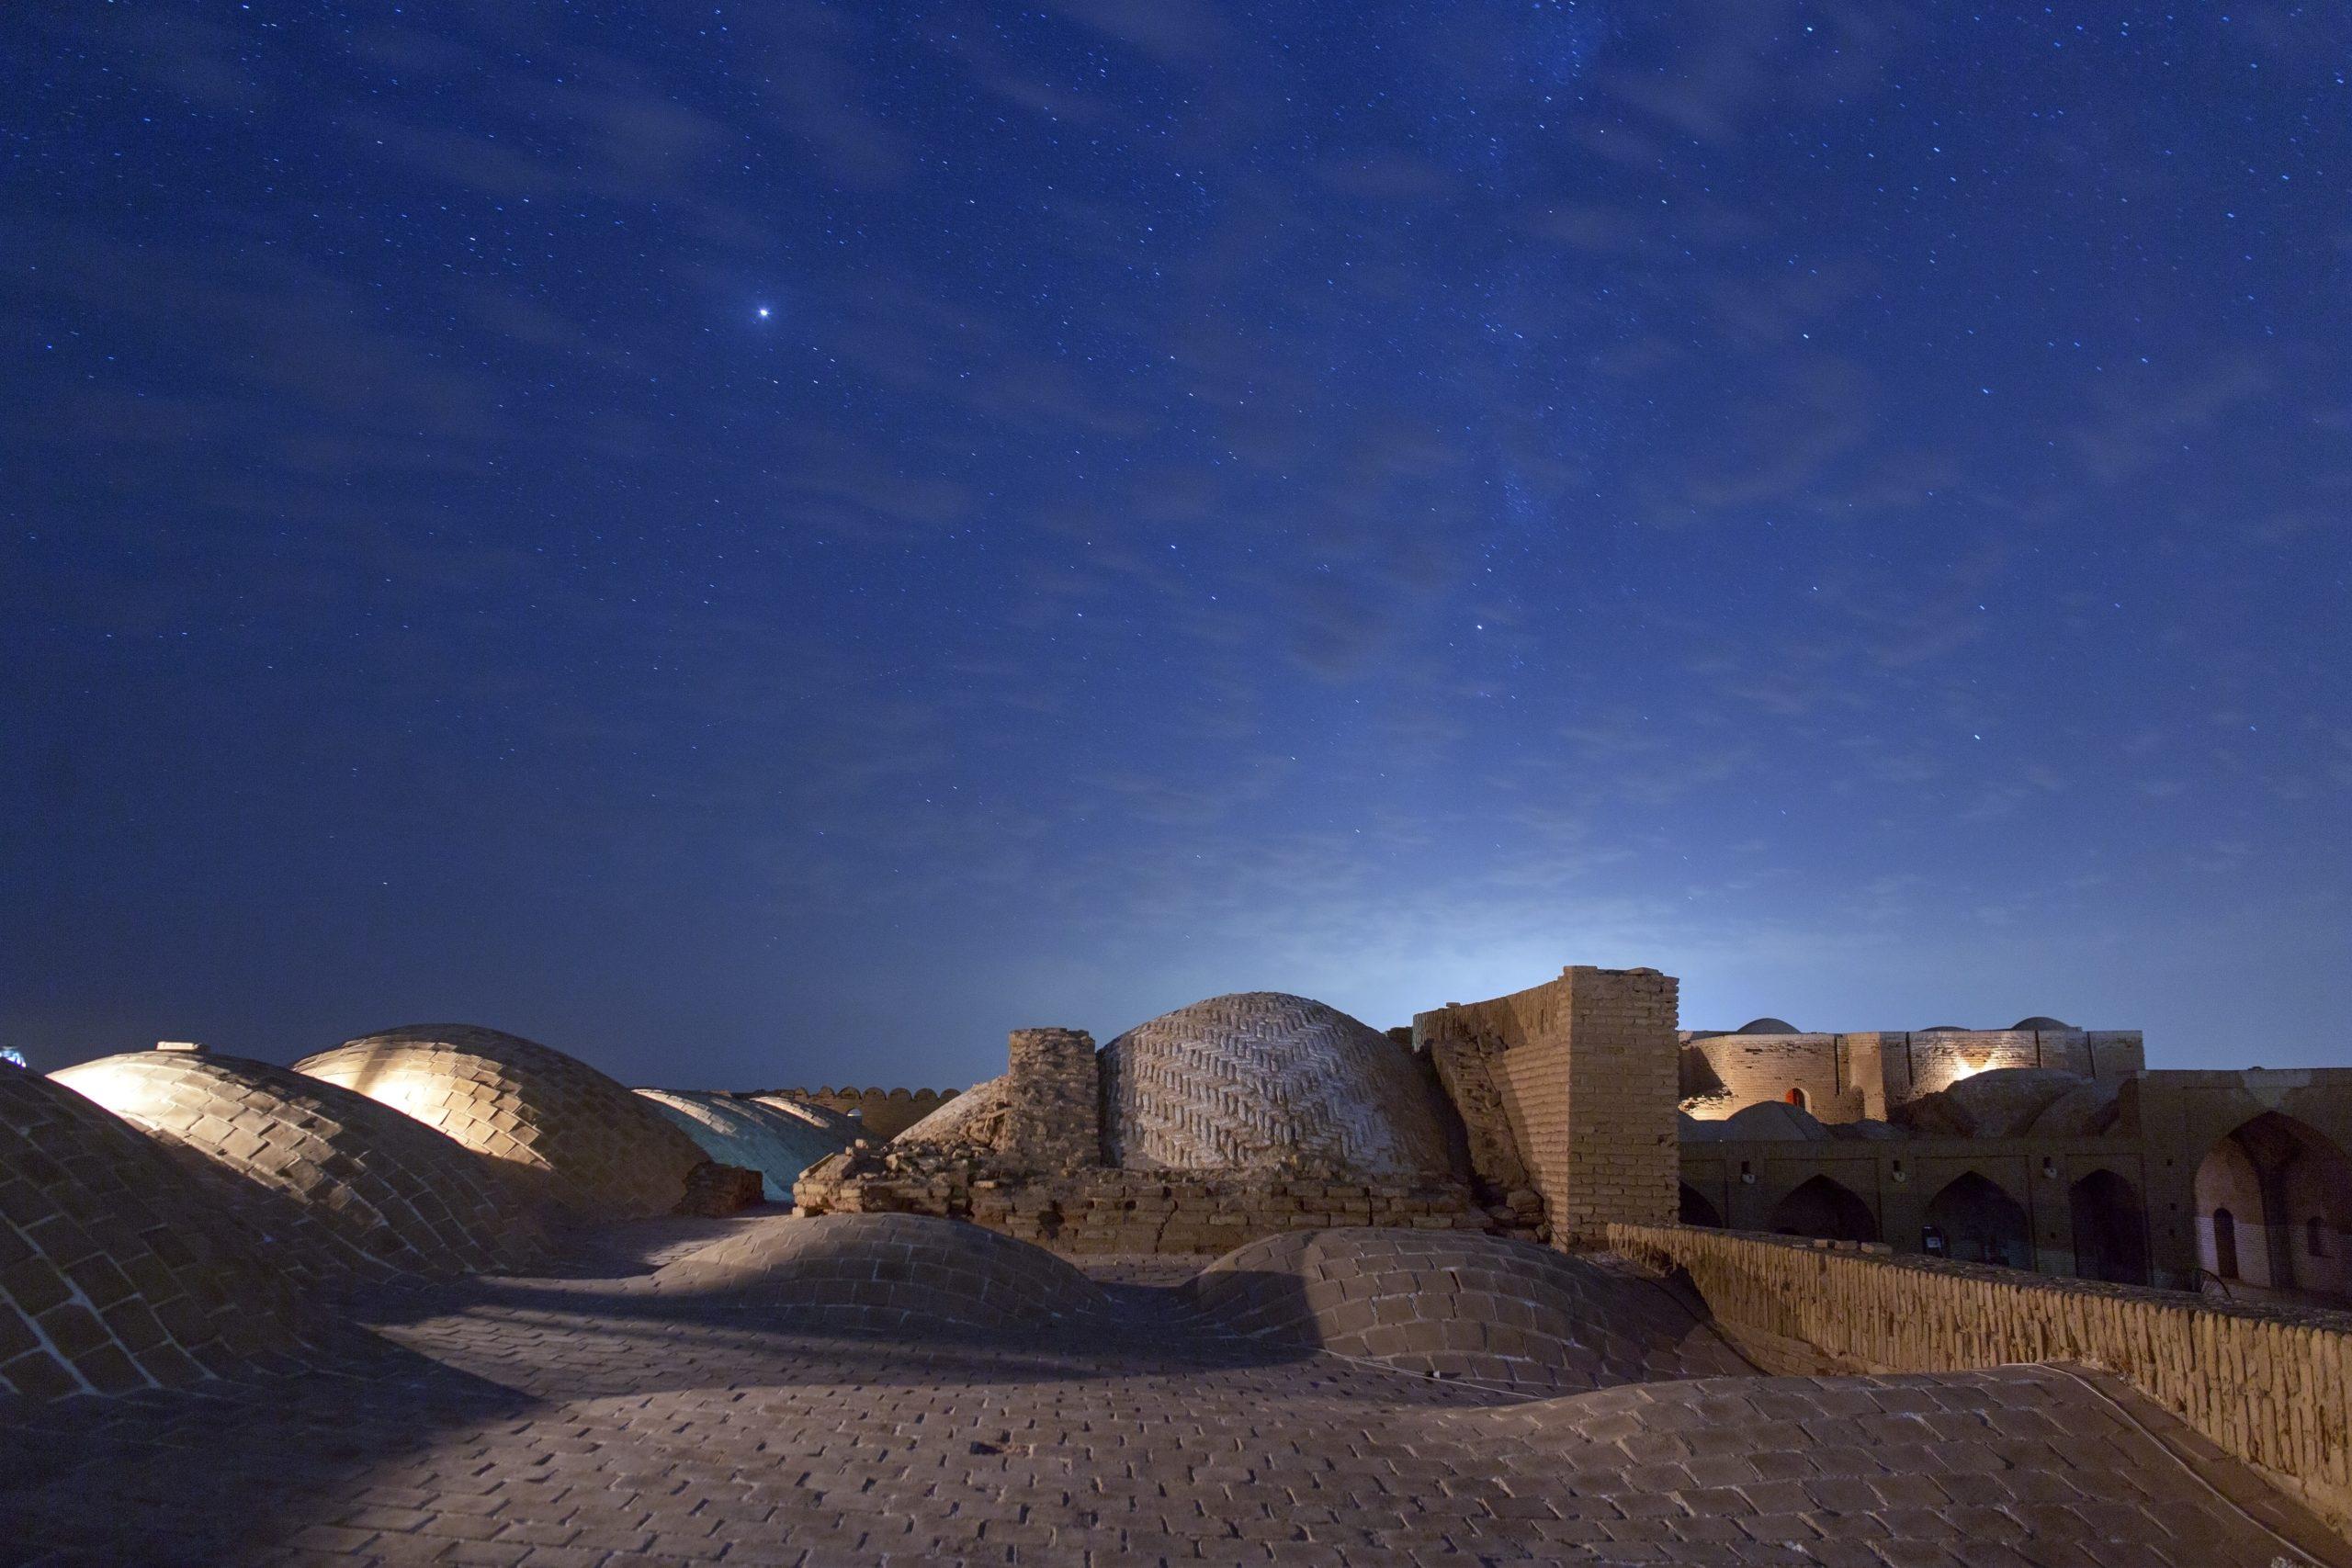 Nachthimmel über Dächern in Iran als Symbol für meine persönlichen Erfahrungen, die Basis für die Beratung bi-kultureller Paare sind